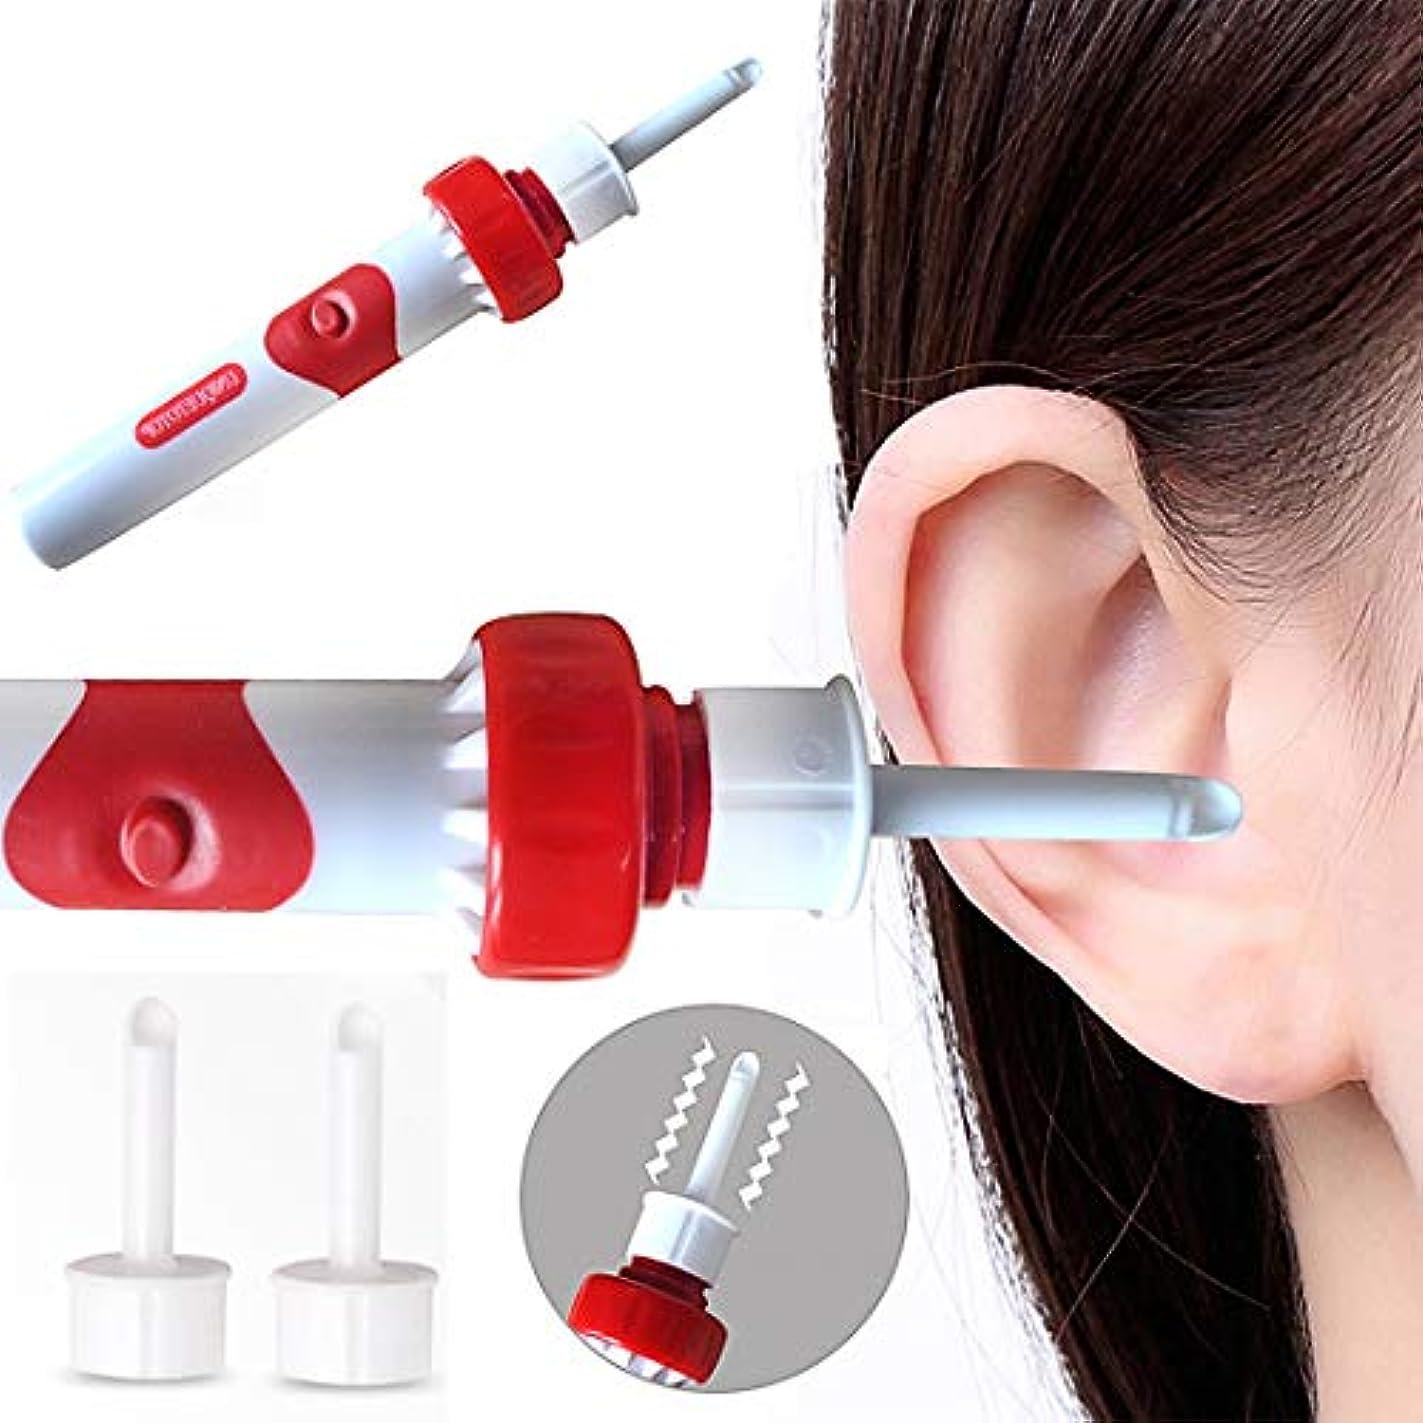 反対するいくつかの範囲耳かき 耳すっきりクリーナー 耳のお掃除 耳のケア 耳かき ポケットイヤークリーナー